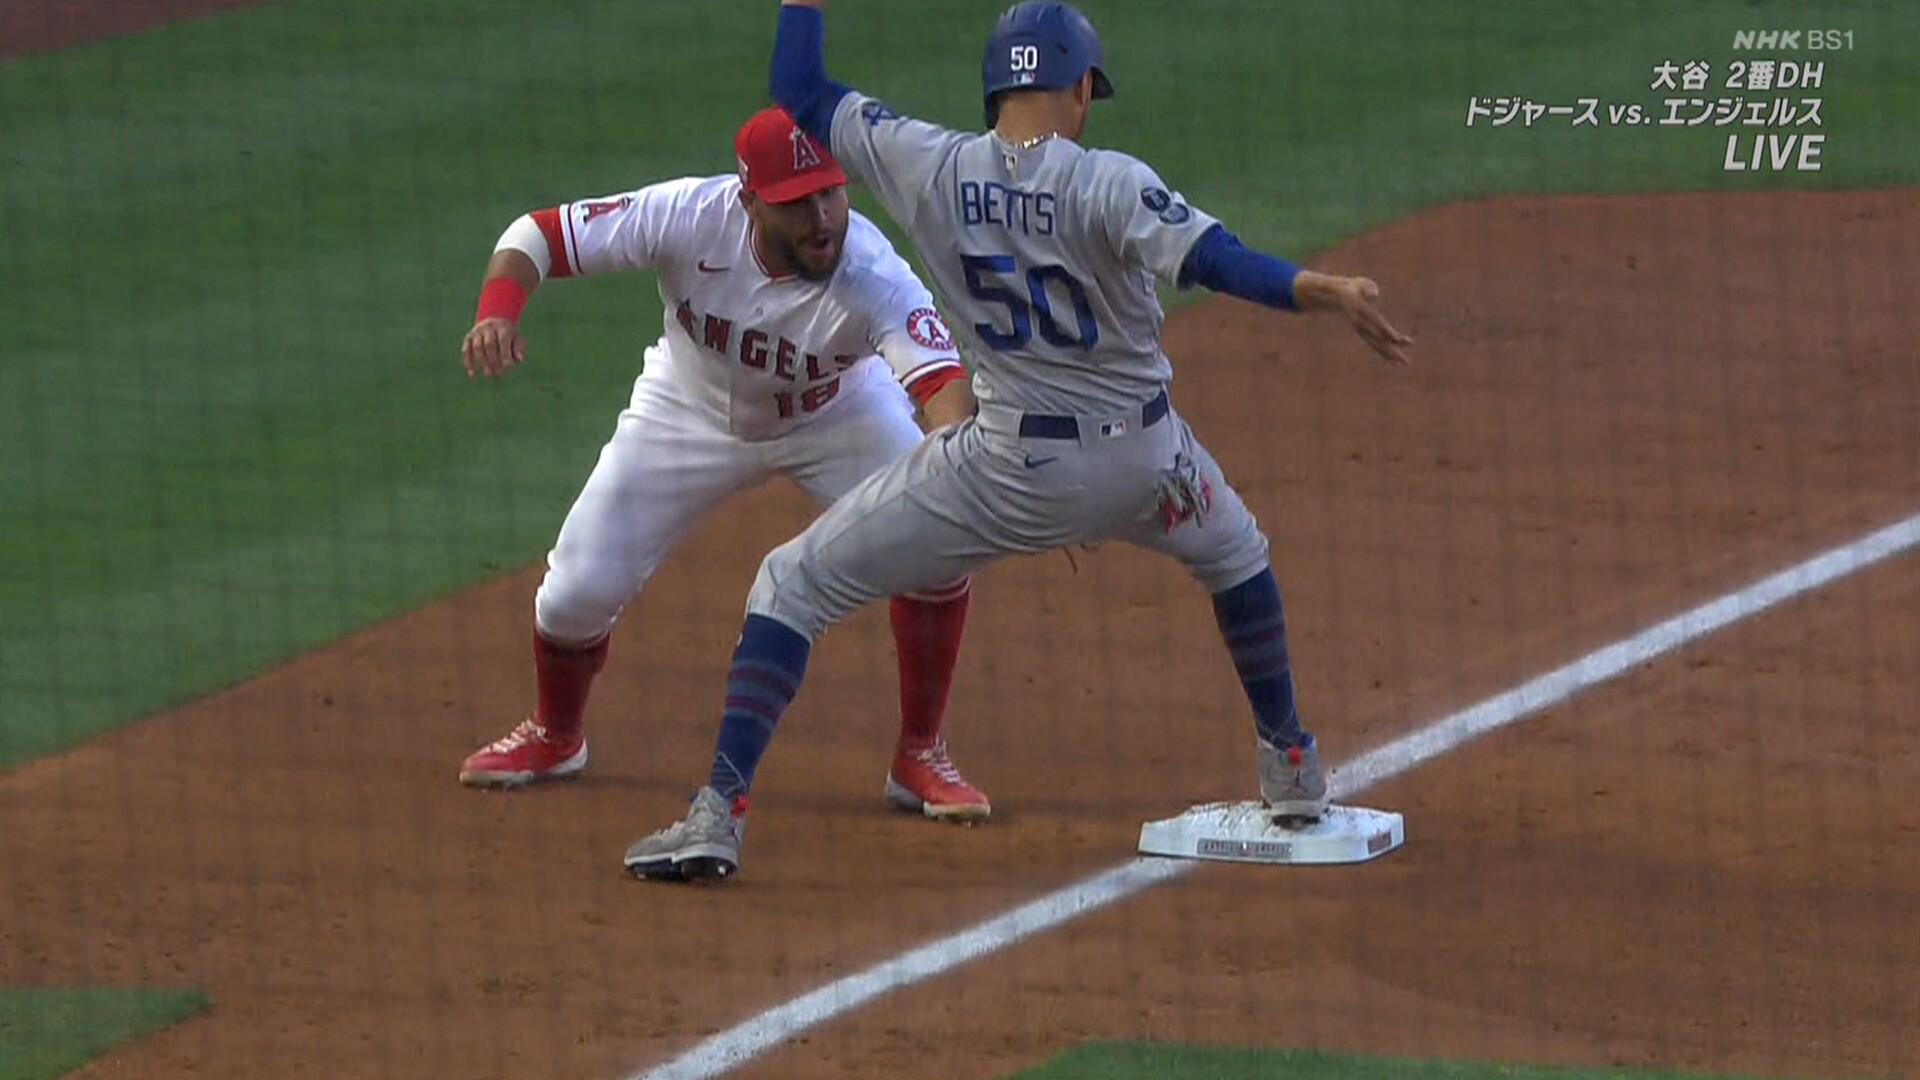 ドジャース・ベッツ、三塁手のタッチが股間を直撃し悶絶